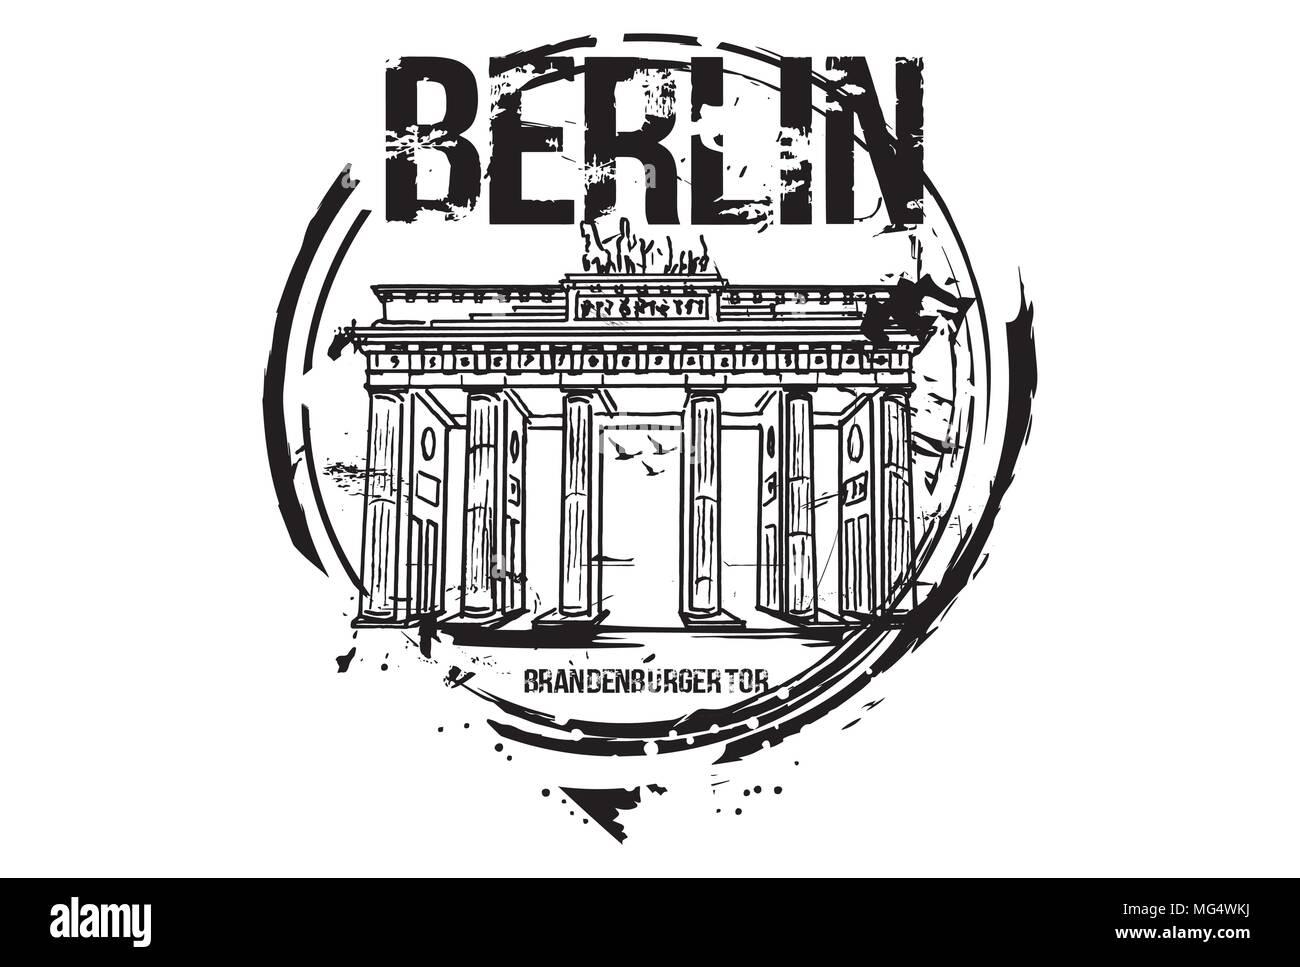 Brandenburger Tor Berlin Deutschland City Design Hand Gezeichnet Abbildung Stock Vektorgrafik Alamy